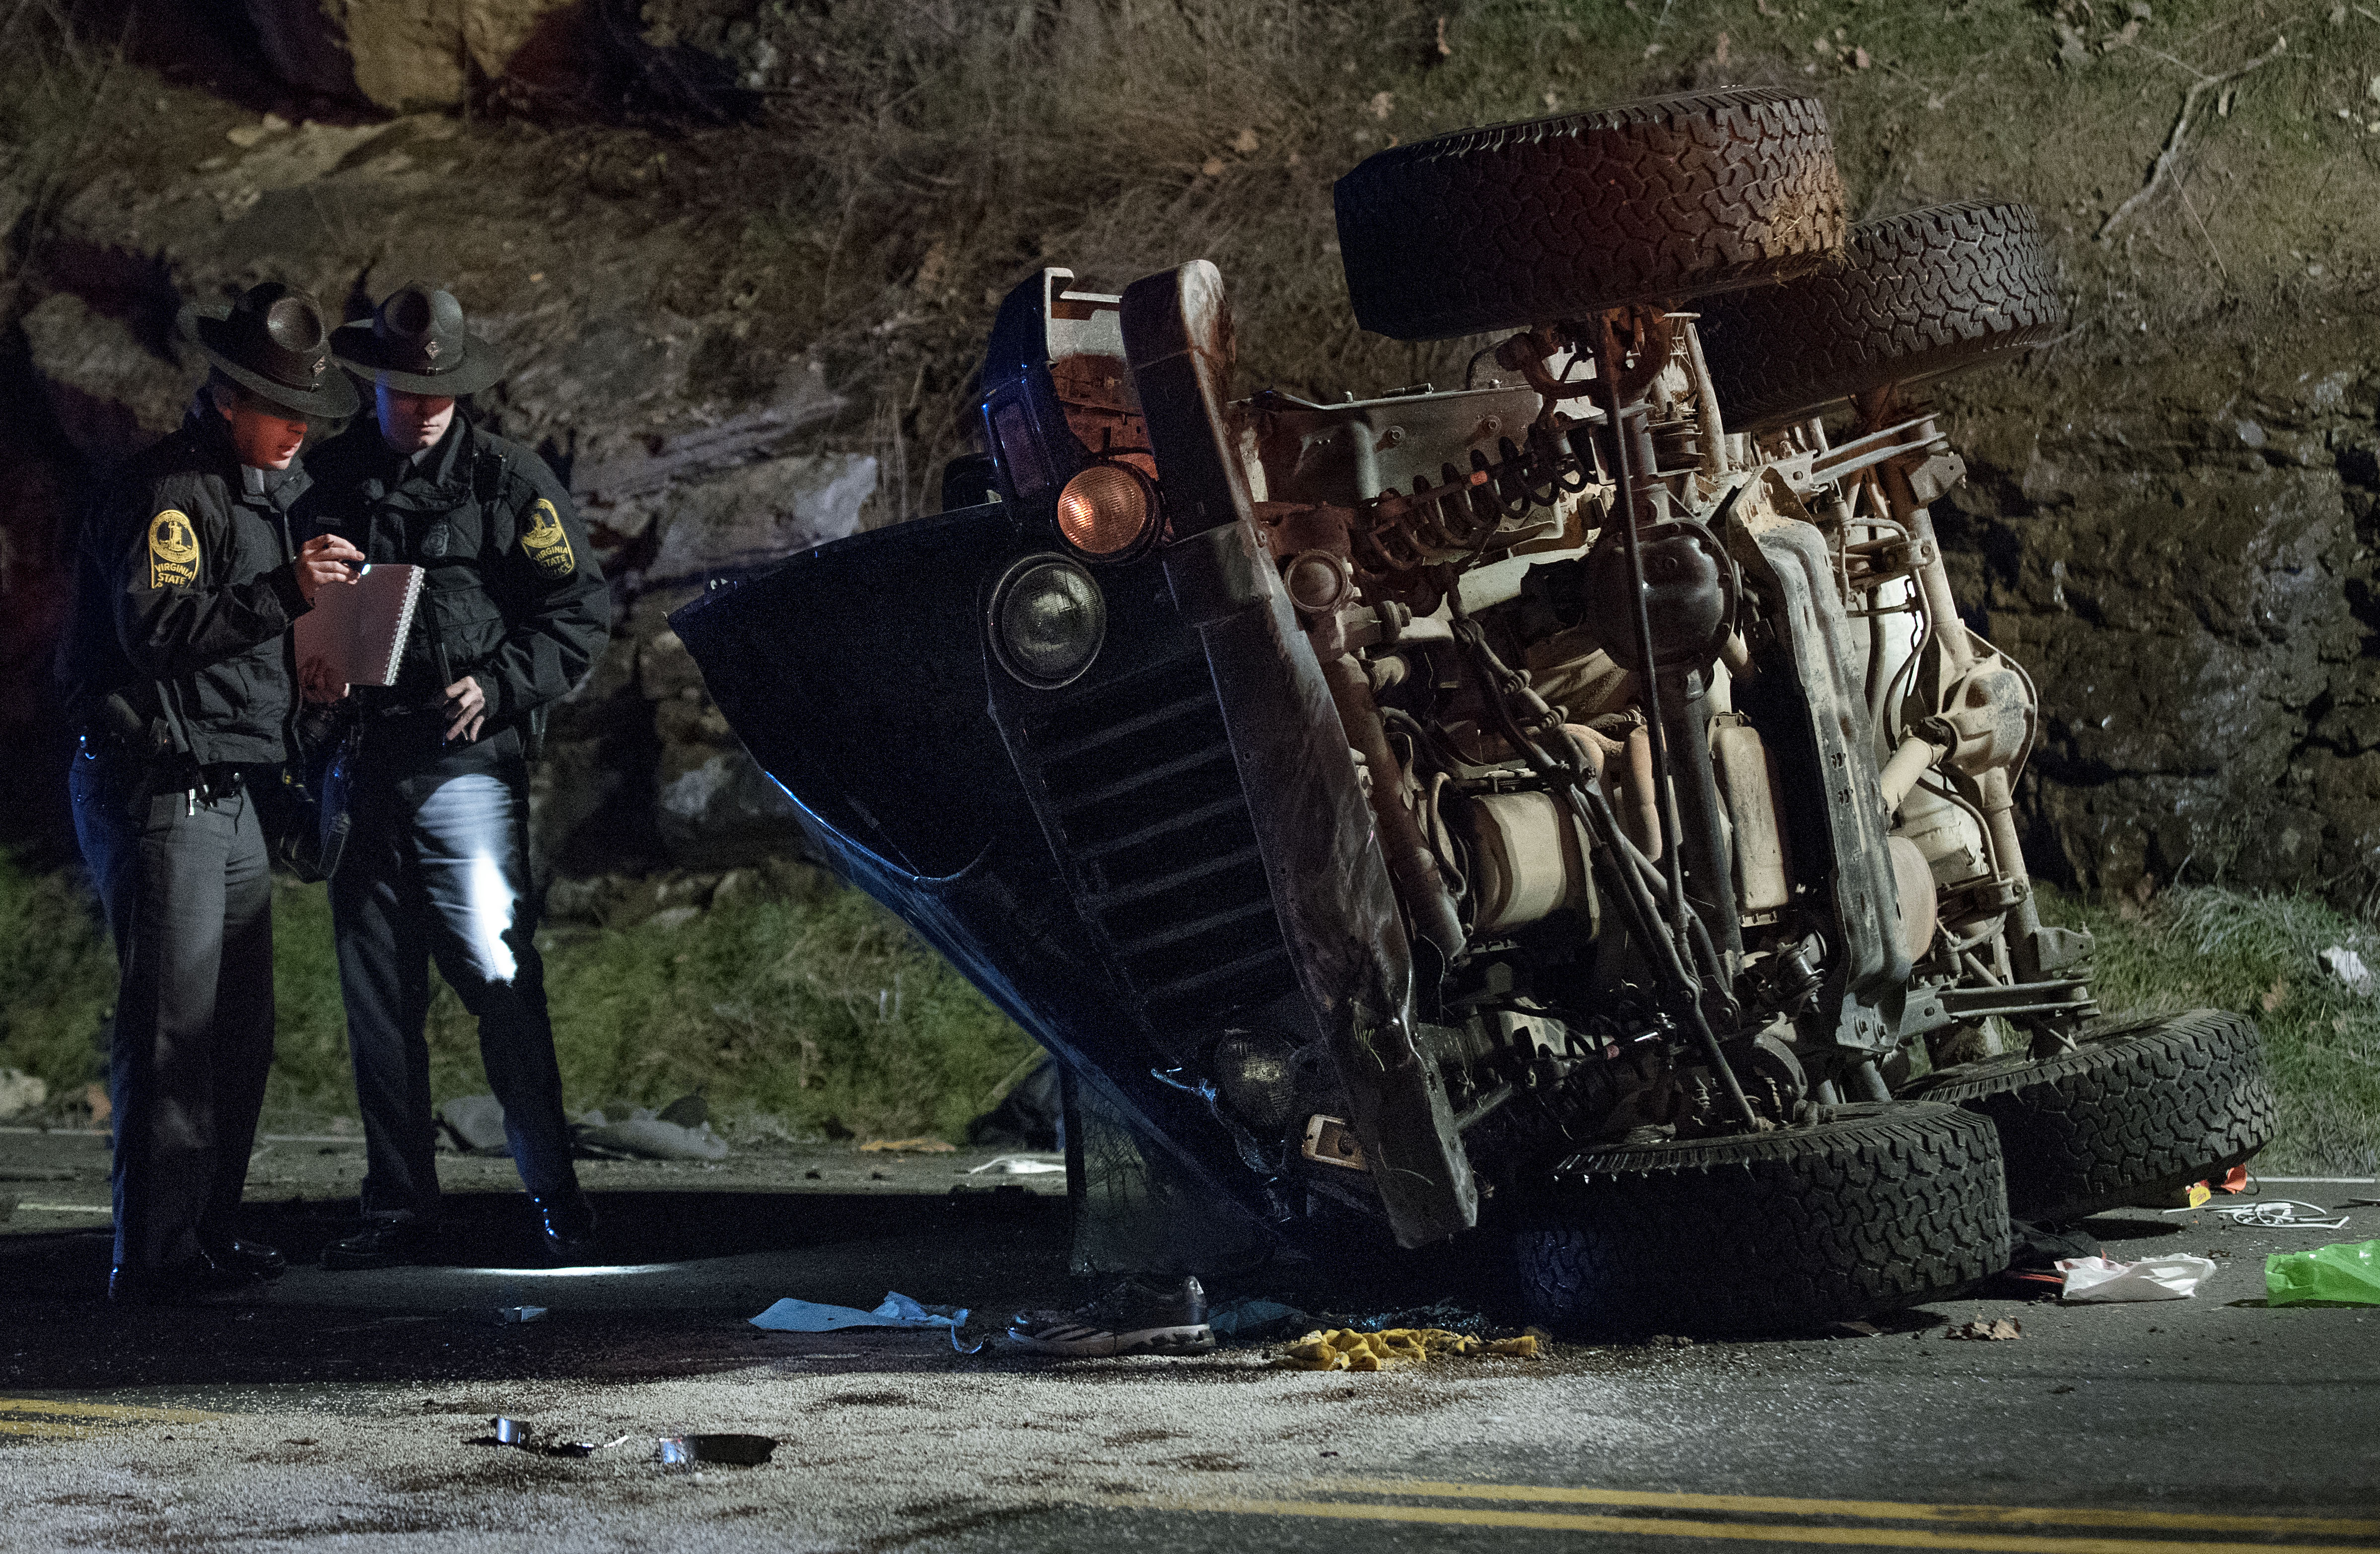 Background on Motorcycle crashes III